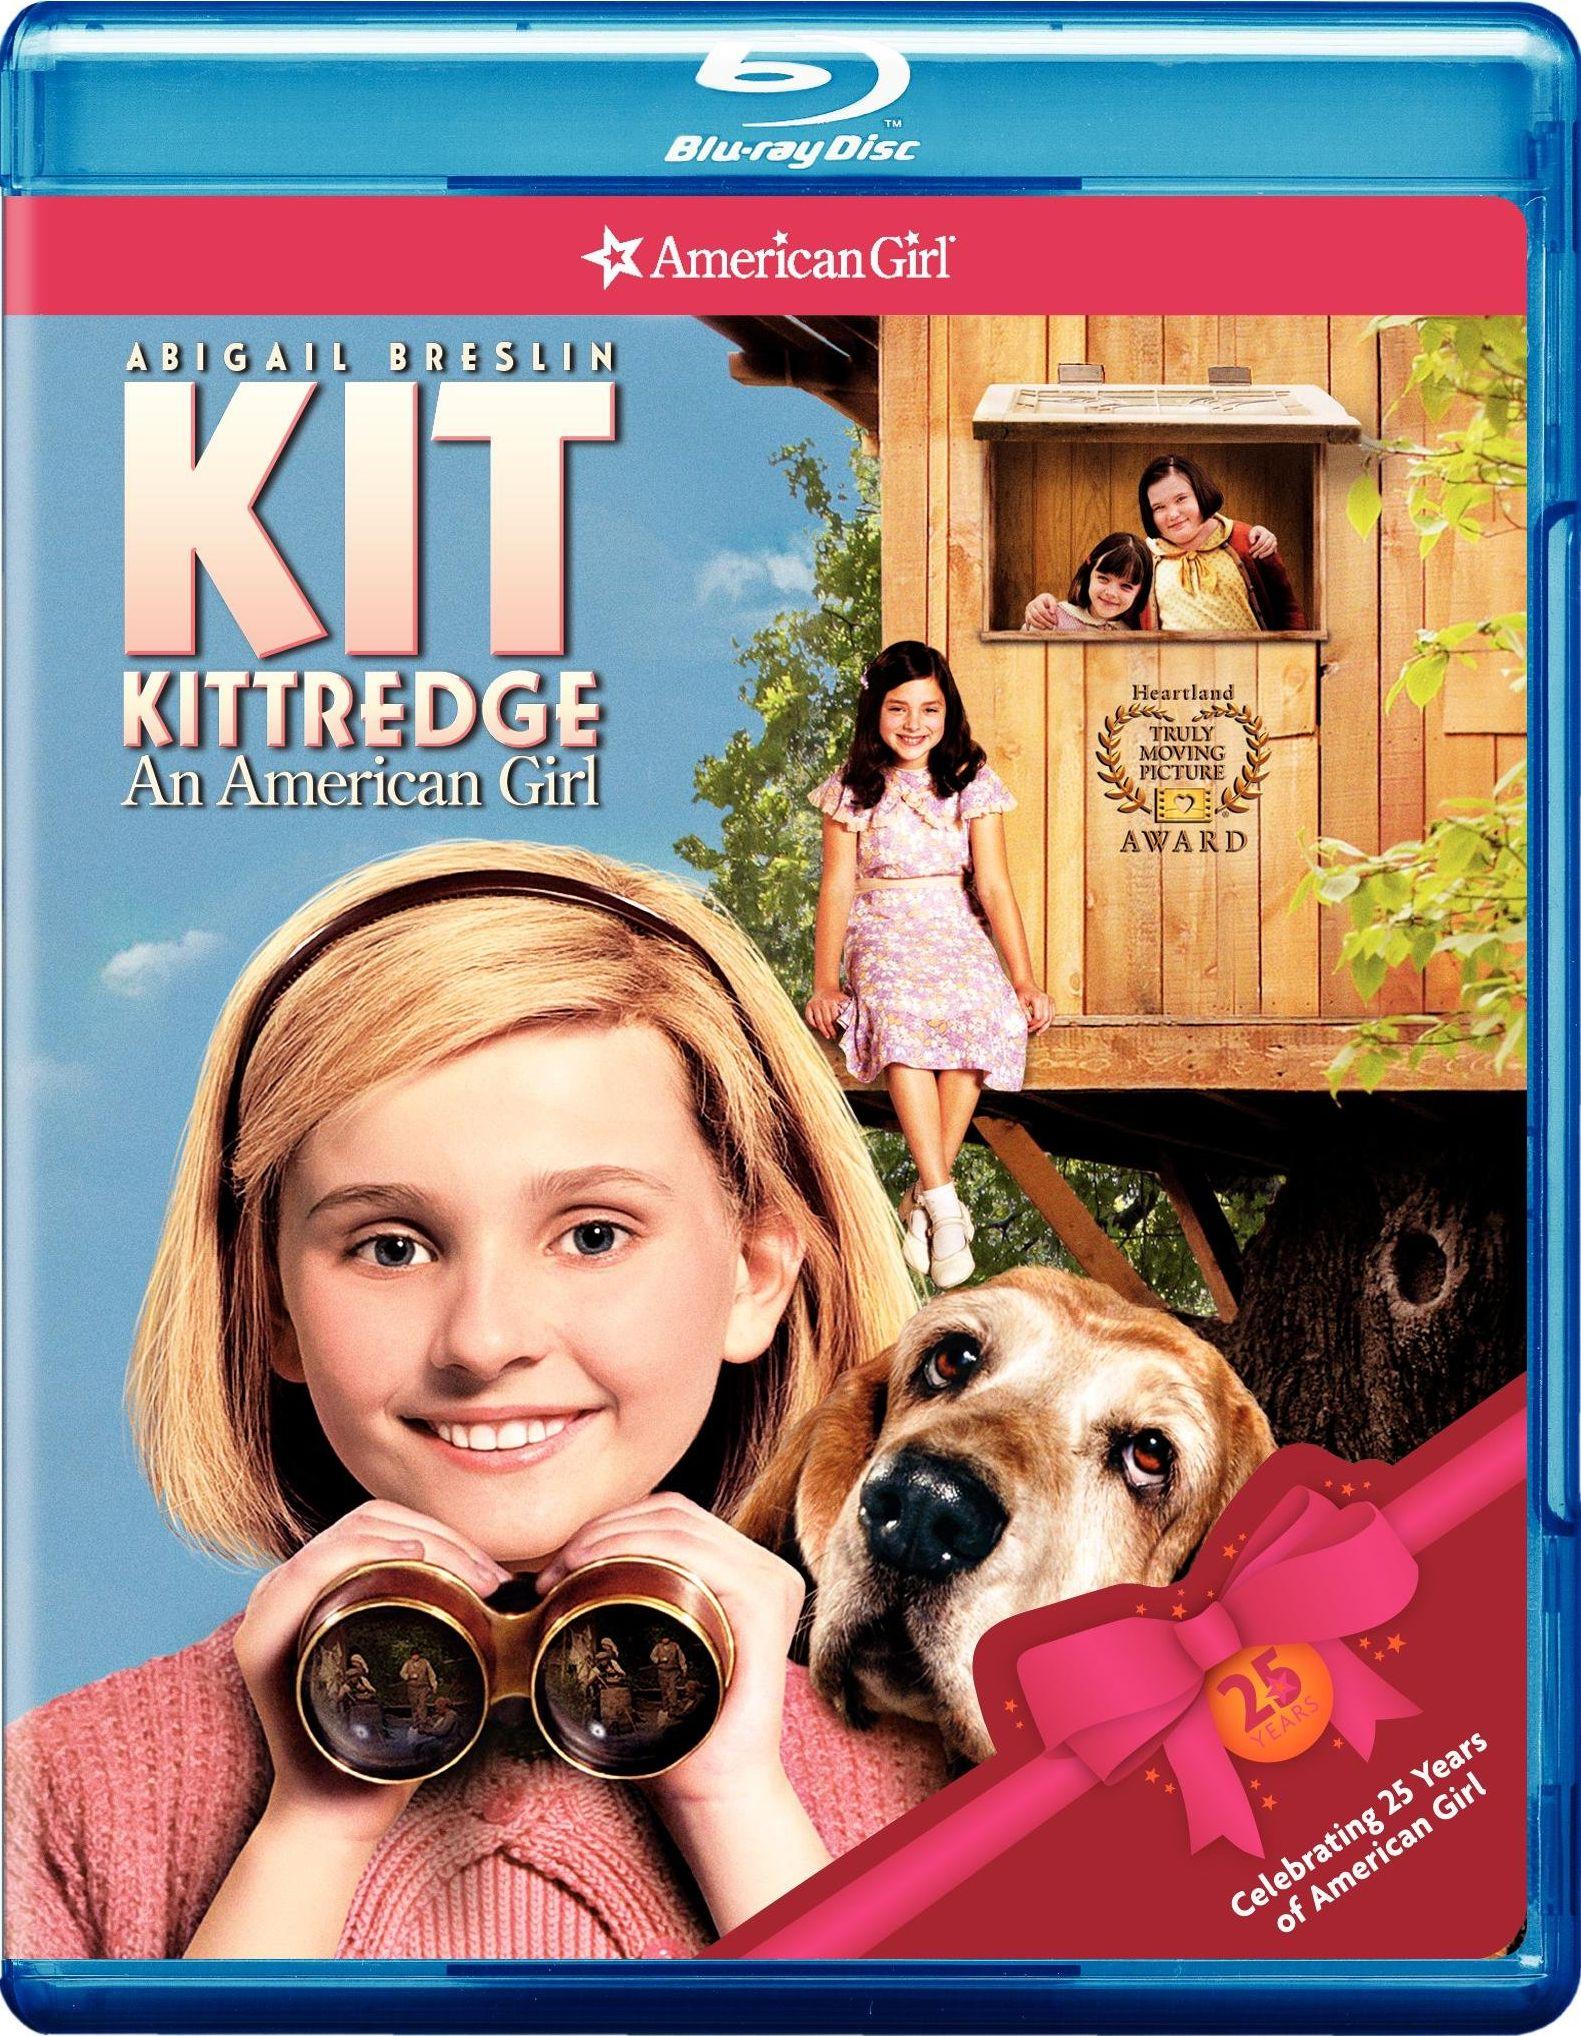 Kit Kittredge An American Girl Dvd Release Date October 28